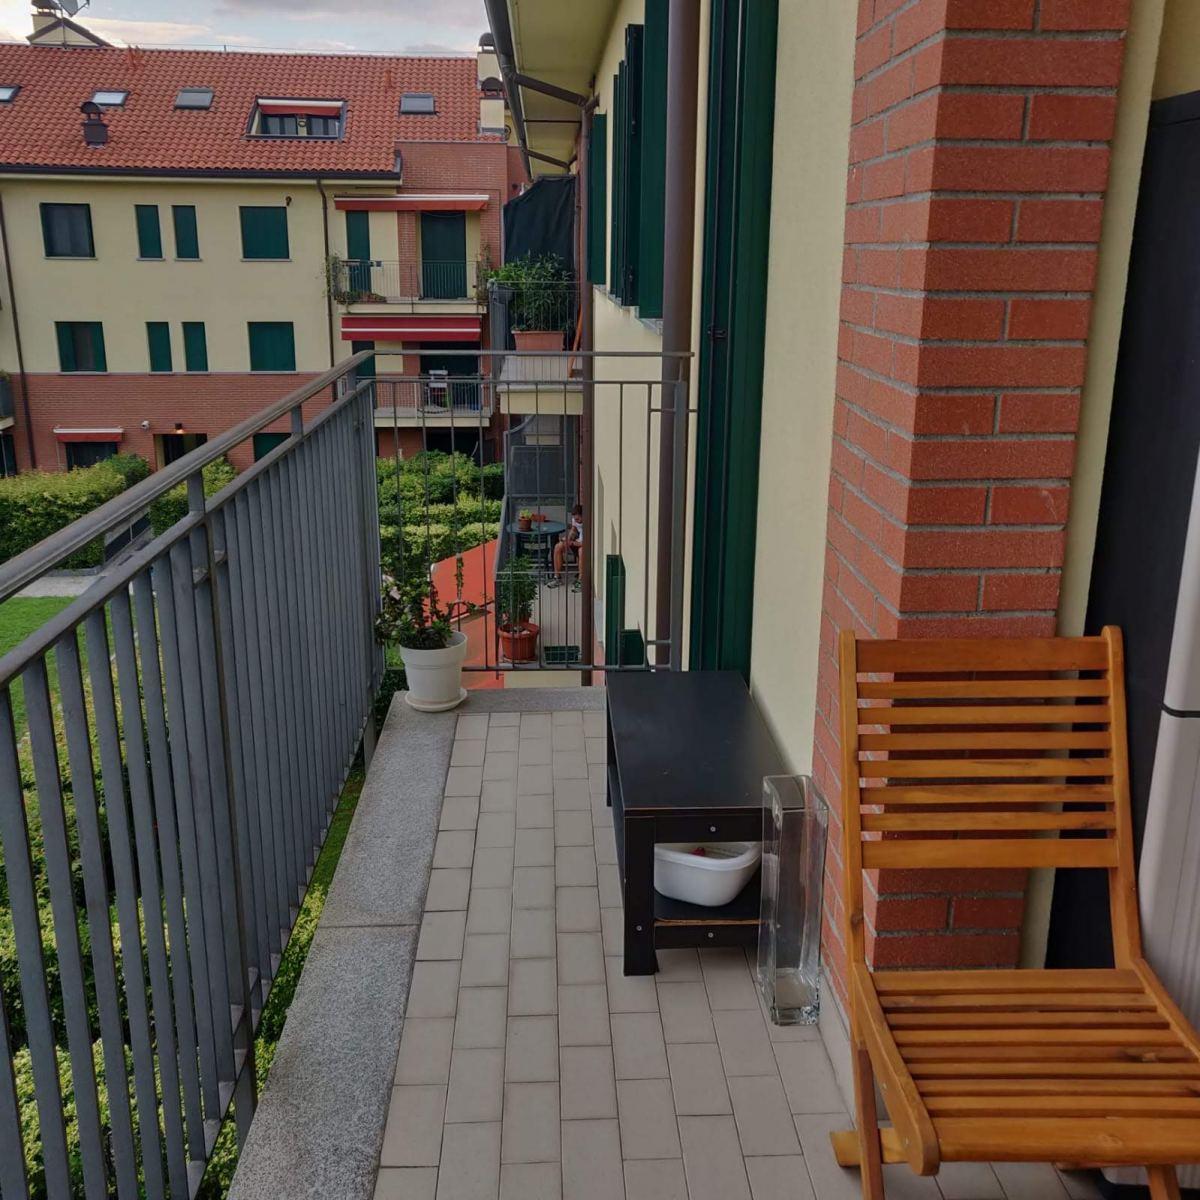 appartamento-in-vendita-milano-muggiano-3-locali-trilocale-spaziourbano-immobiliare-vende-16